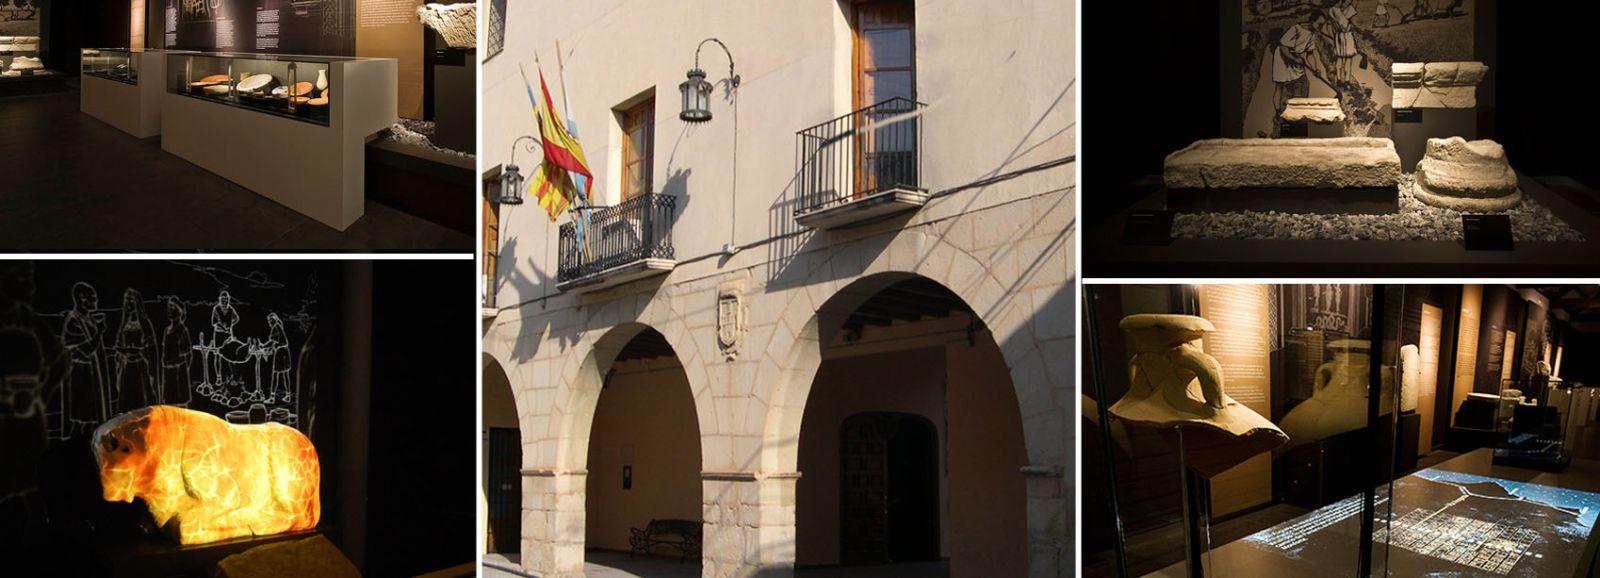 Marq ibero museo de historia de la villa de monforte - Casas prefabricadas monforte del cid ...